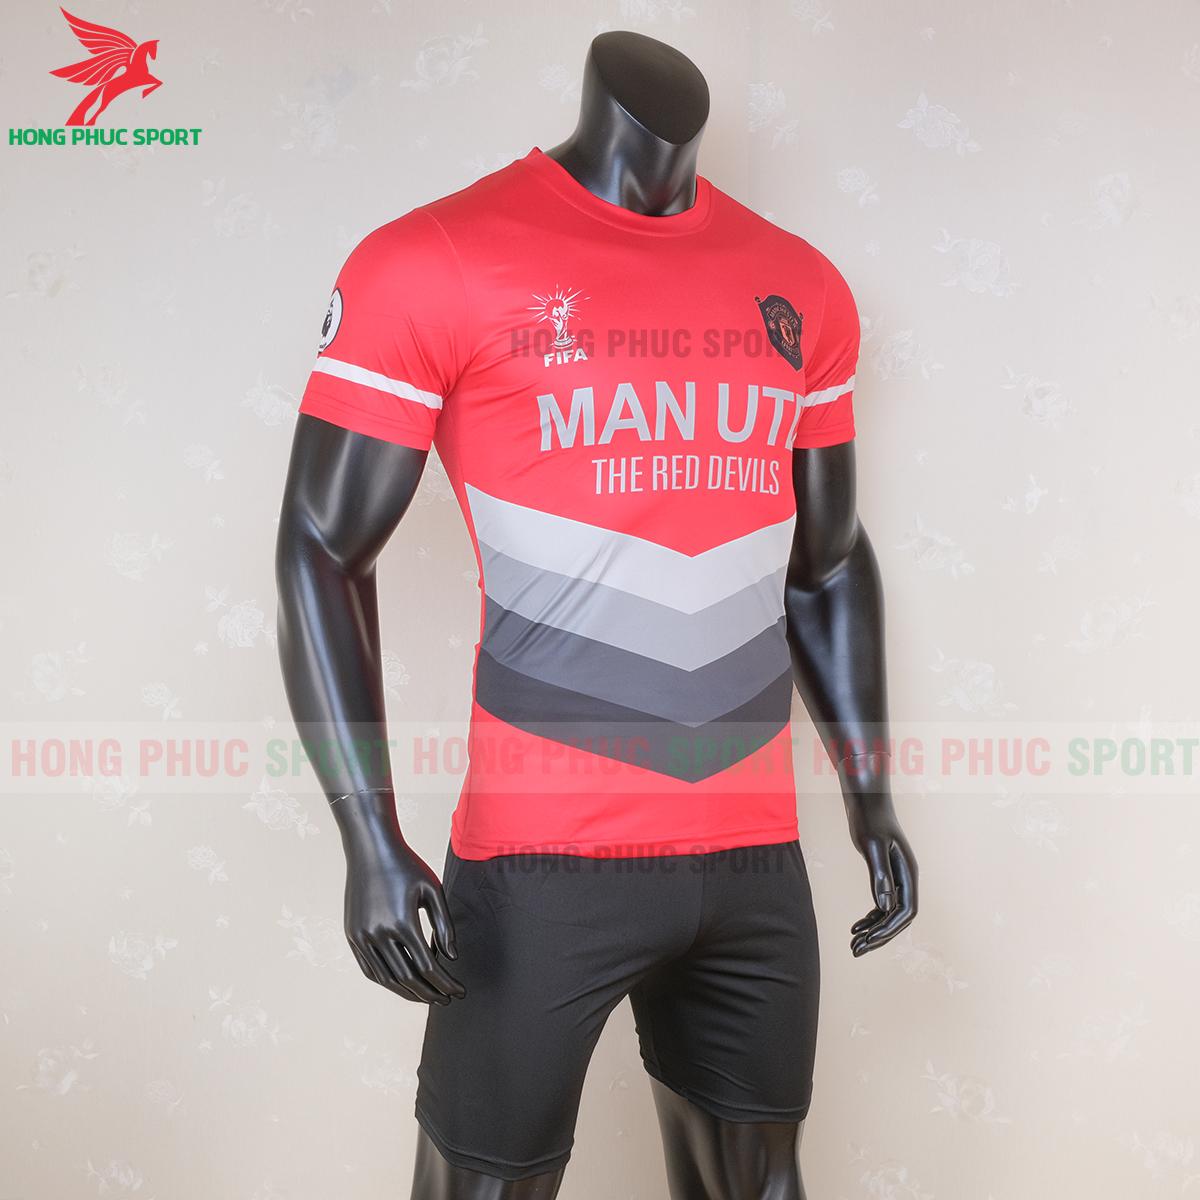 https://cdn.hongphucsport.com/unsafe/s4.shopbay.vn/files/285/ao-bong-da-manchester-united-2020-2021-phien-ban-fan-mau-5-1-5f6c116bd5cfa.png